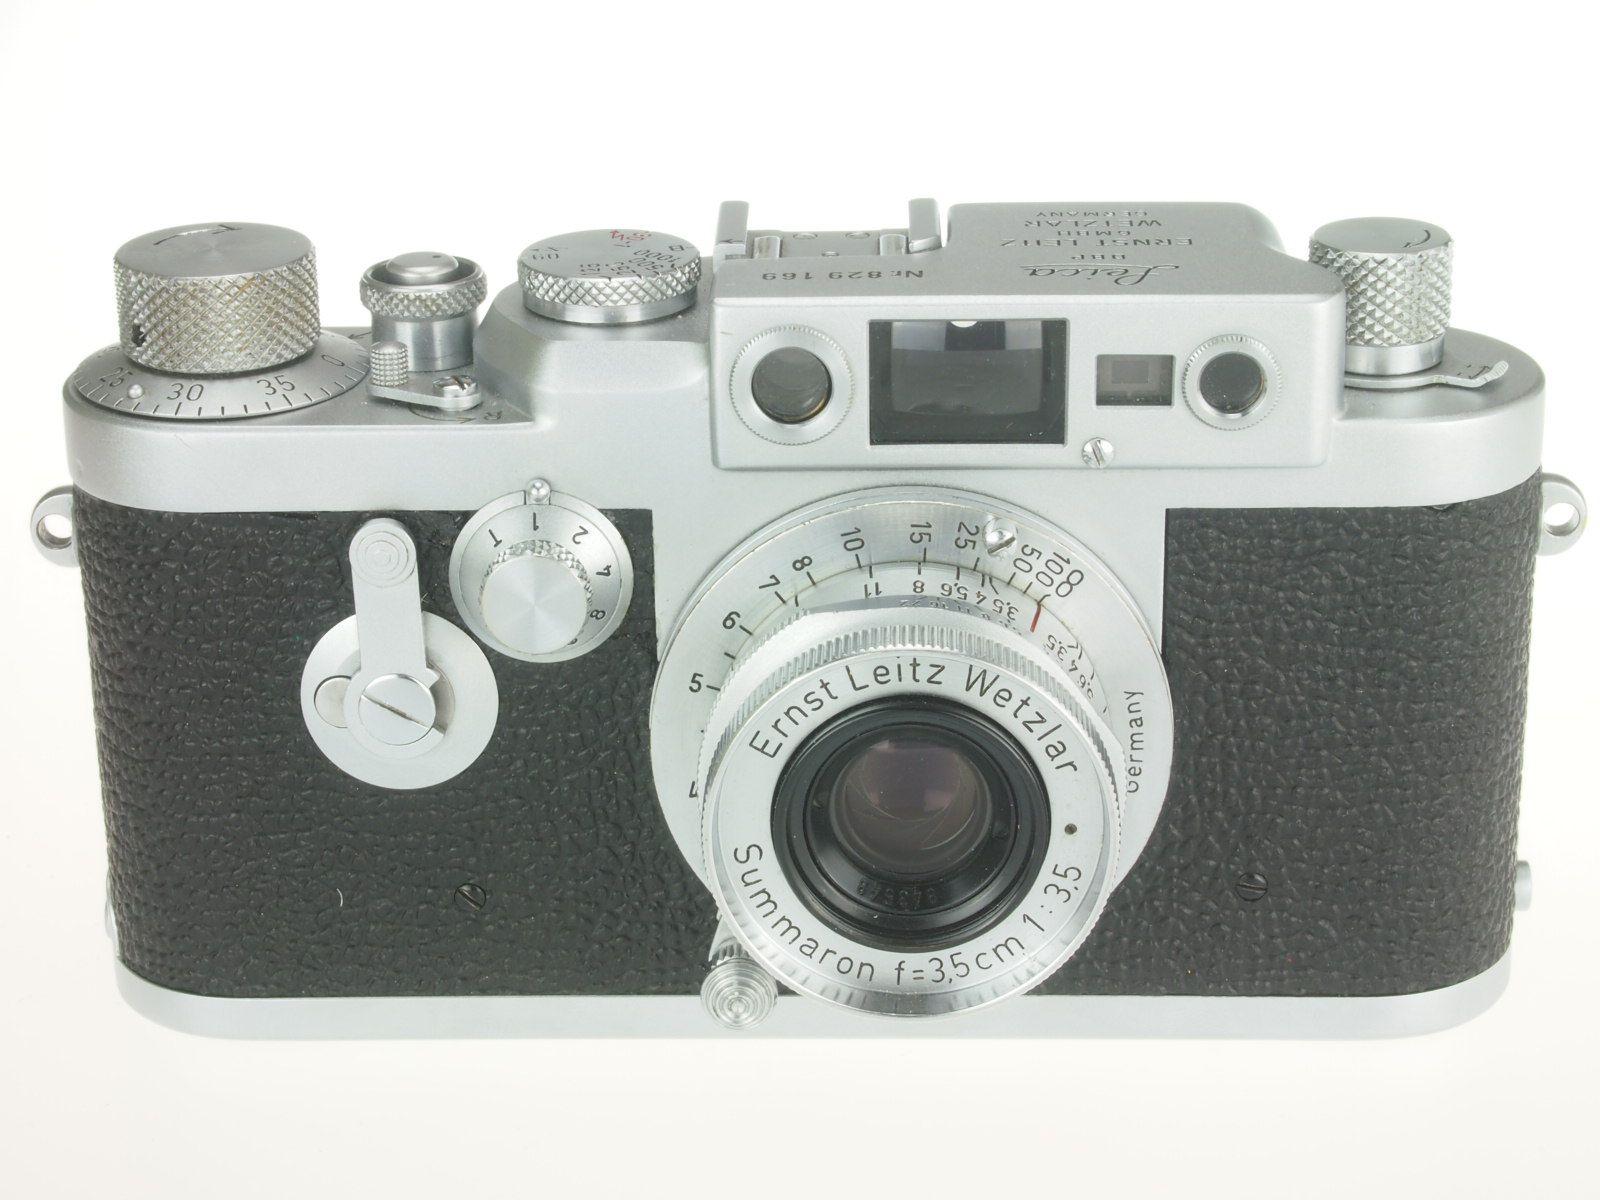 обезьяна лейка фотоаппарат где производят рады ответить все